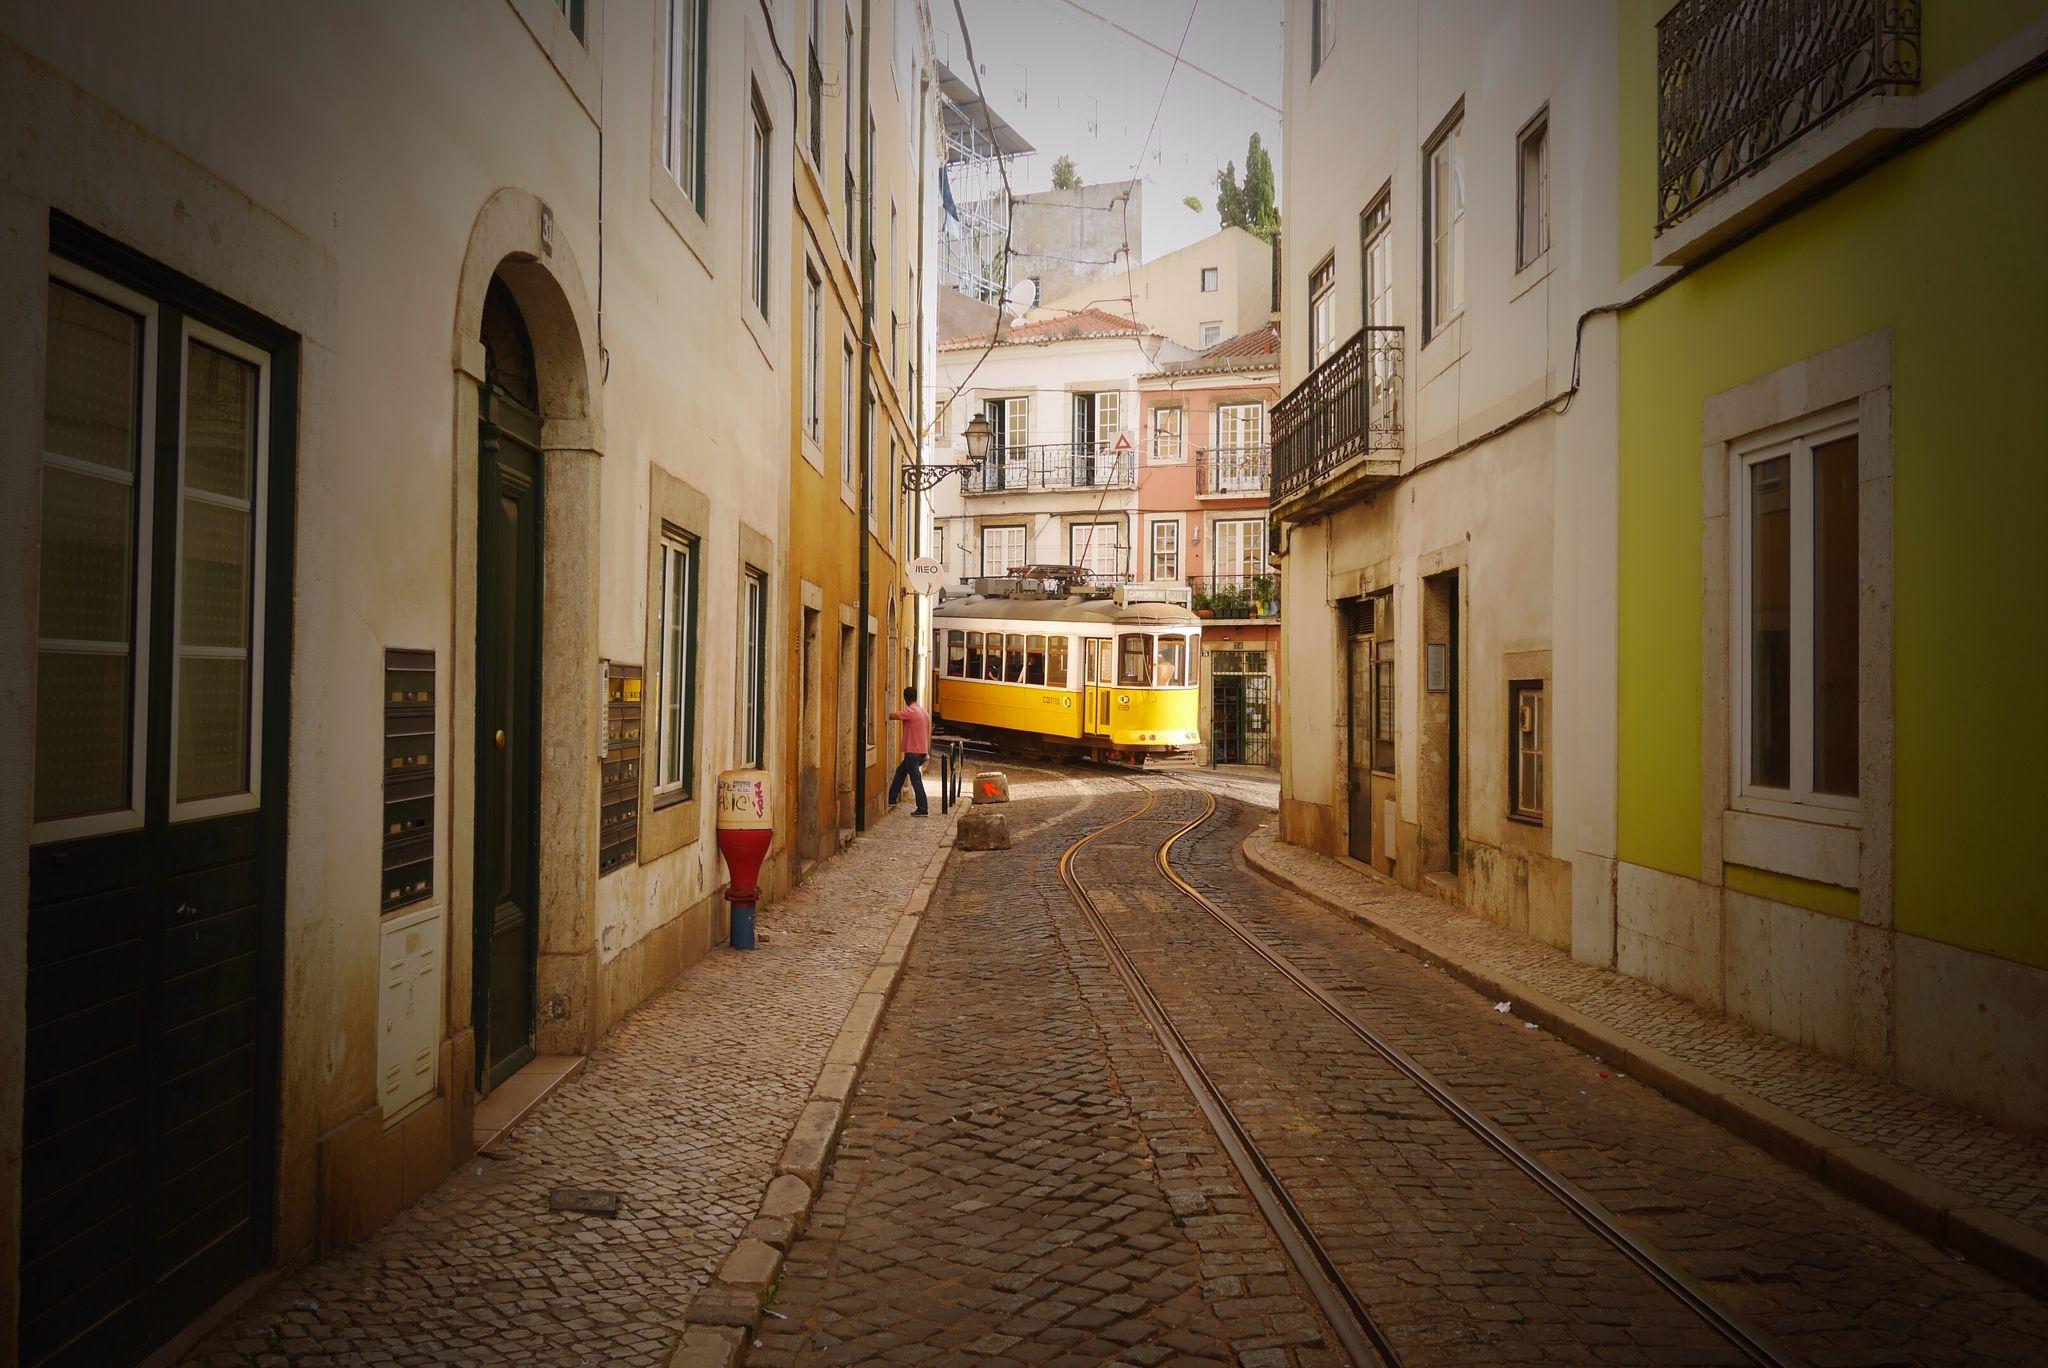 Lisbonne, quartier de l'alfama. Photo prise par Valérie Coutrot.